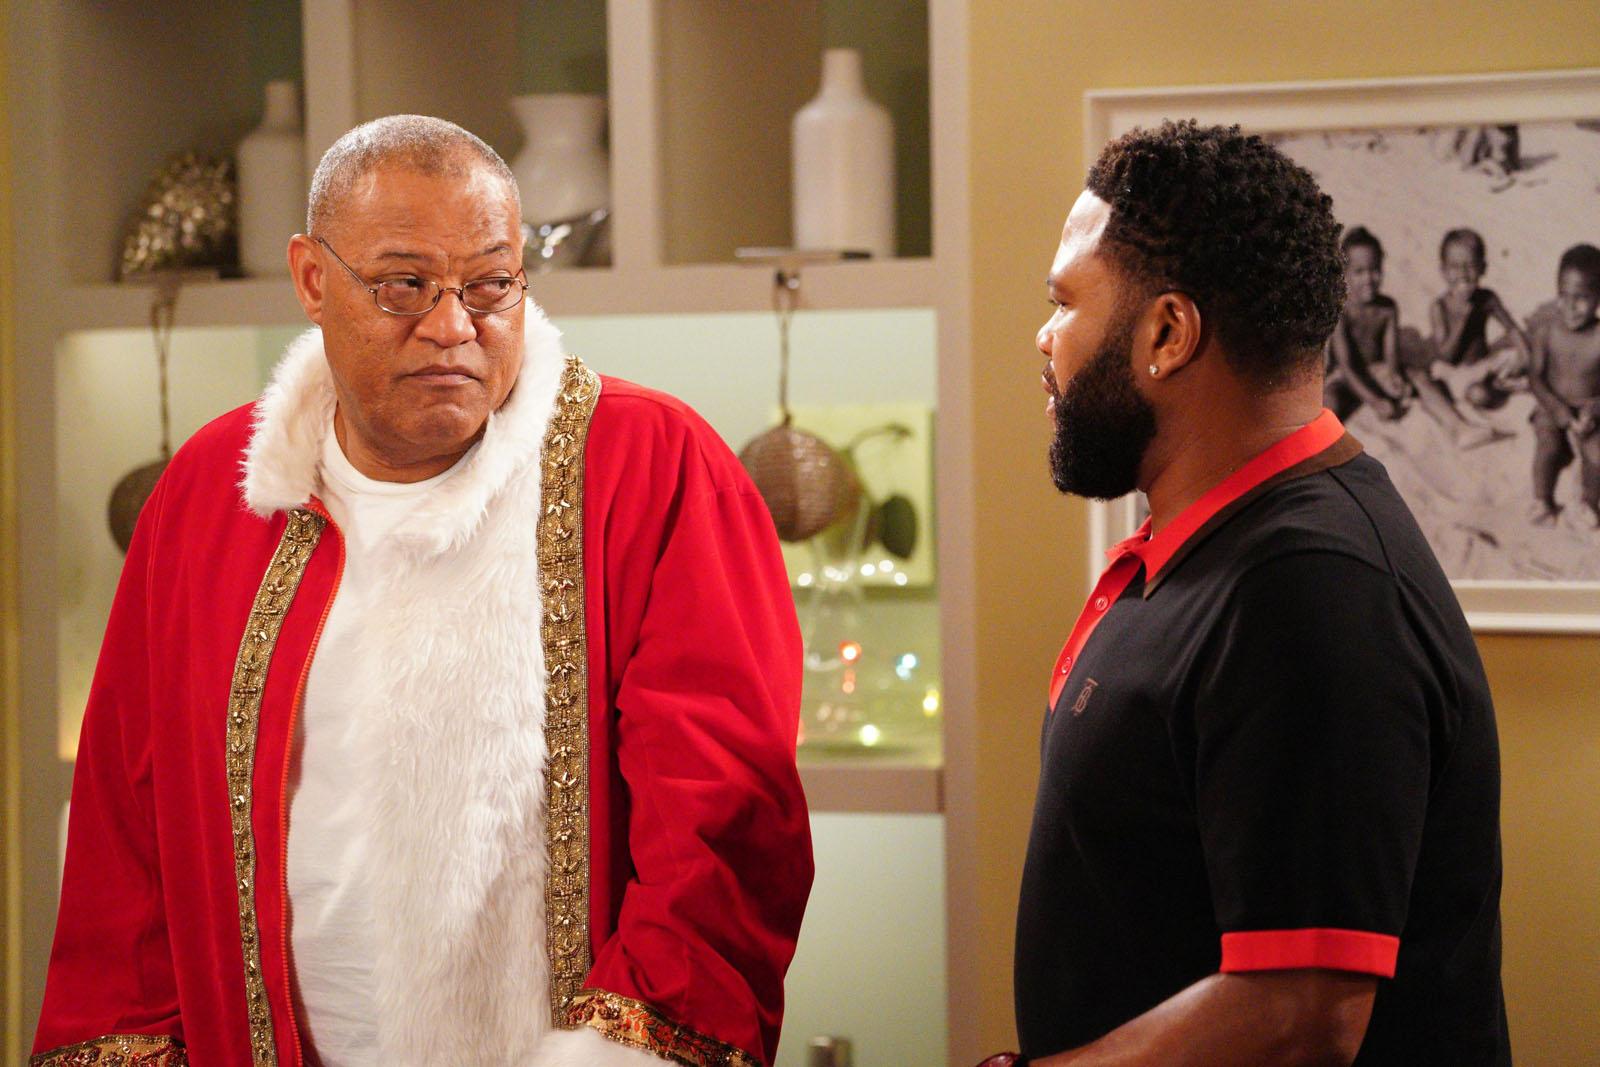 Cena de black-ish. Nela está um homem negro na esquerda vestindo fantasia de papai noel. Ele olha para sua direita, encarando o homem ao seu lado. Também negro, este veste uma blusa preta com detalhes em vermelho. No fundo está uma estante branca e um quadro preto e branco.